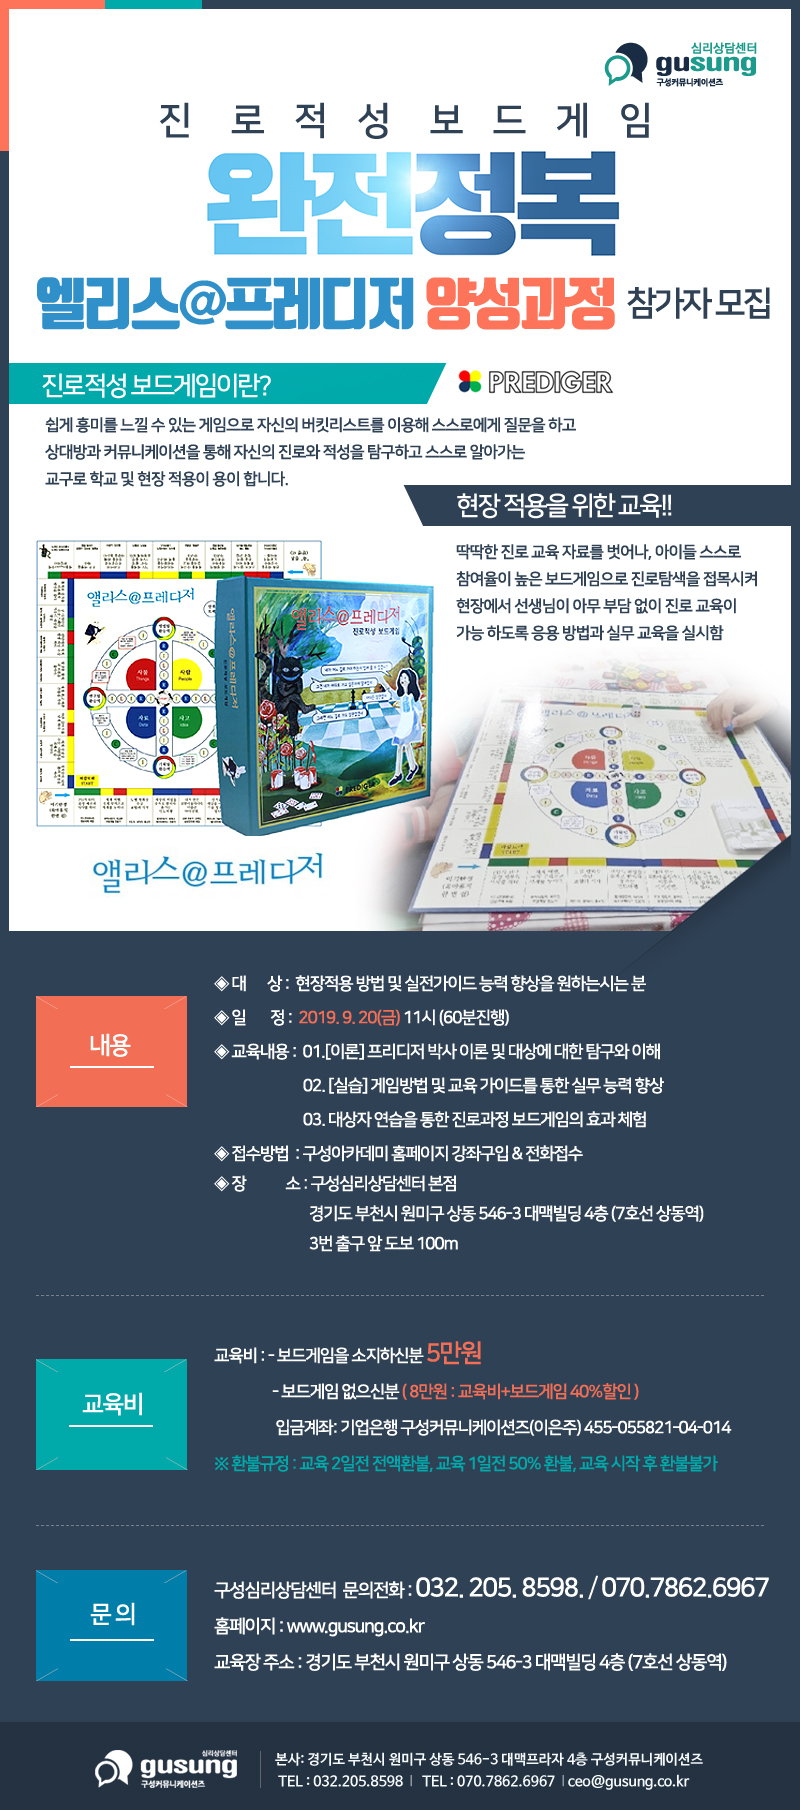 진로보드게임 엘리스프레디저 양성과정 9월.jpg